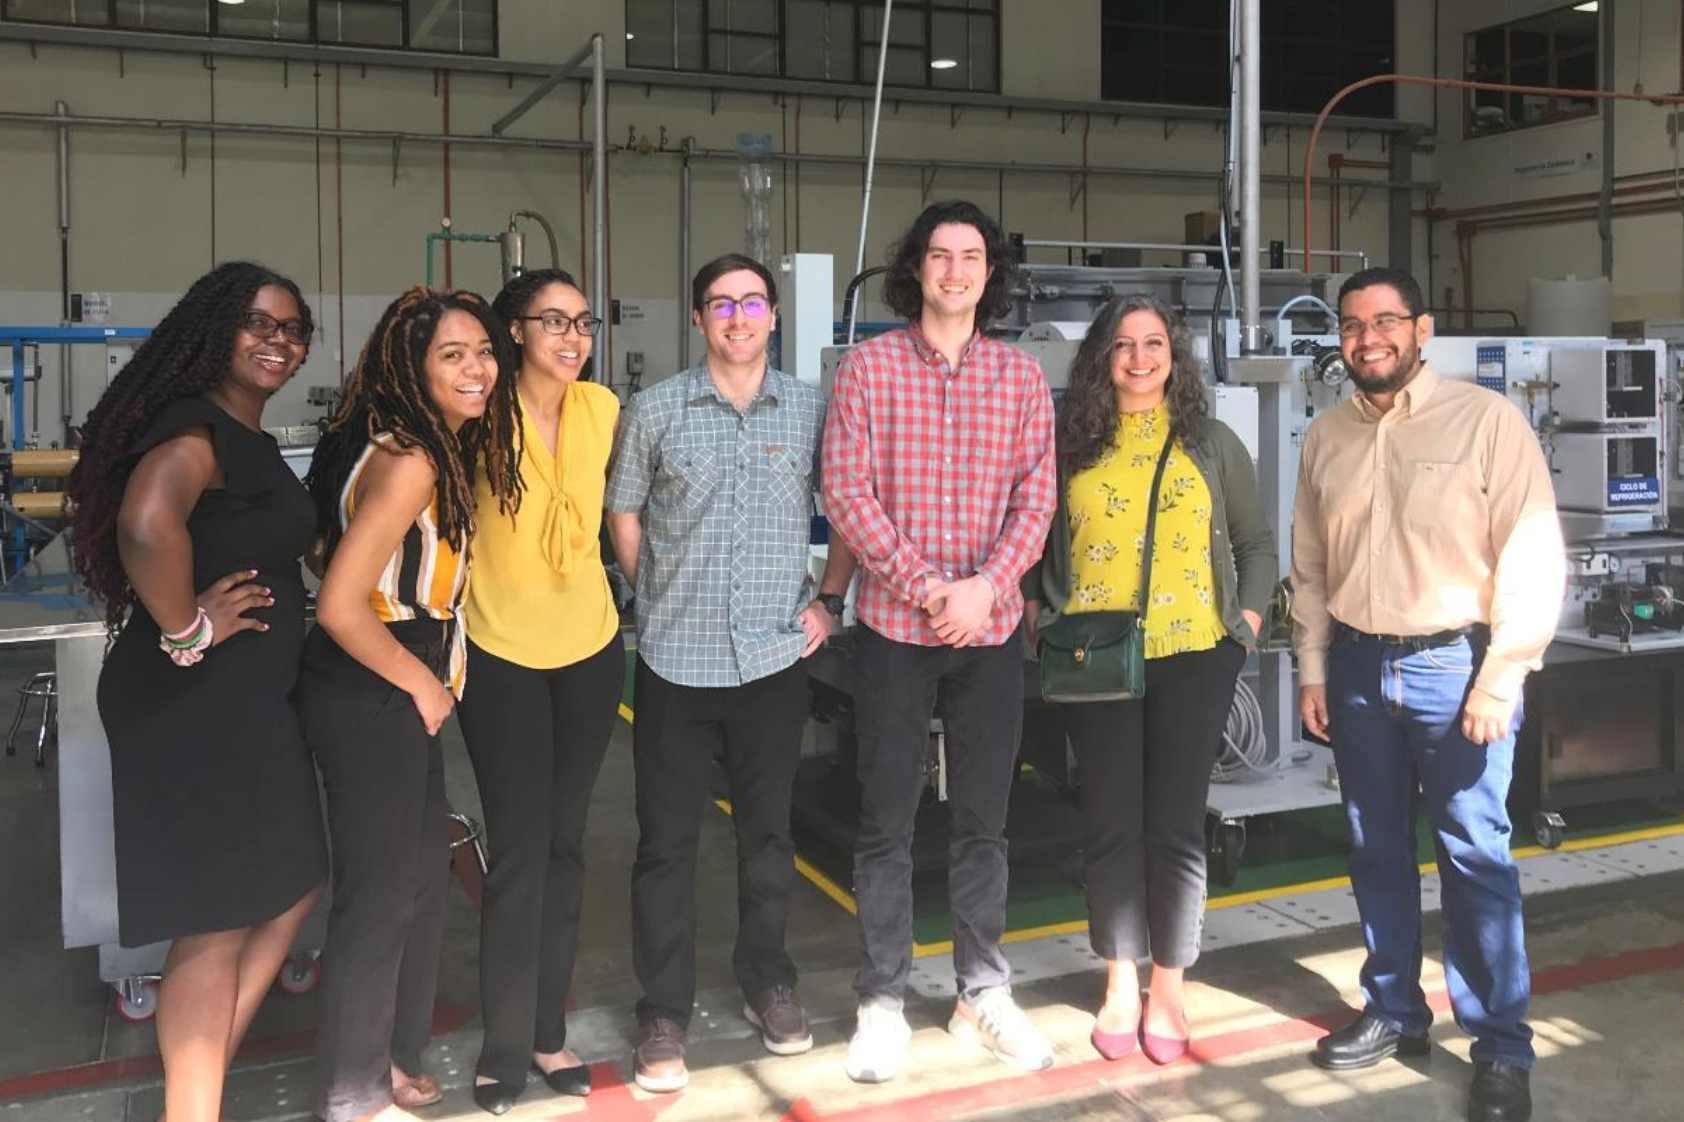 Estudiantes de UVG y la Universidad de Vanderbilt forman equipo internacional de trabajo